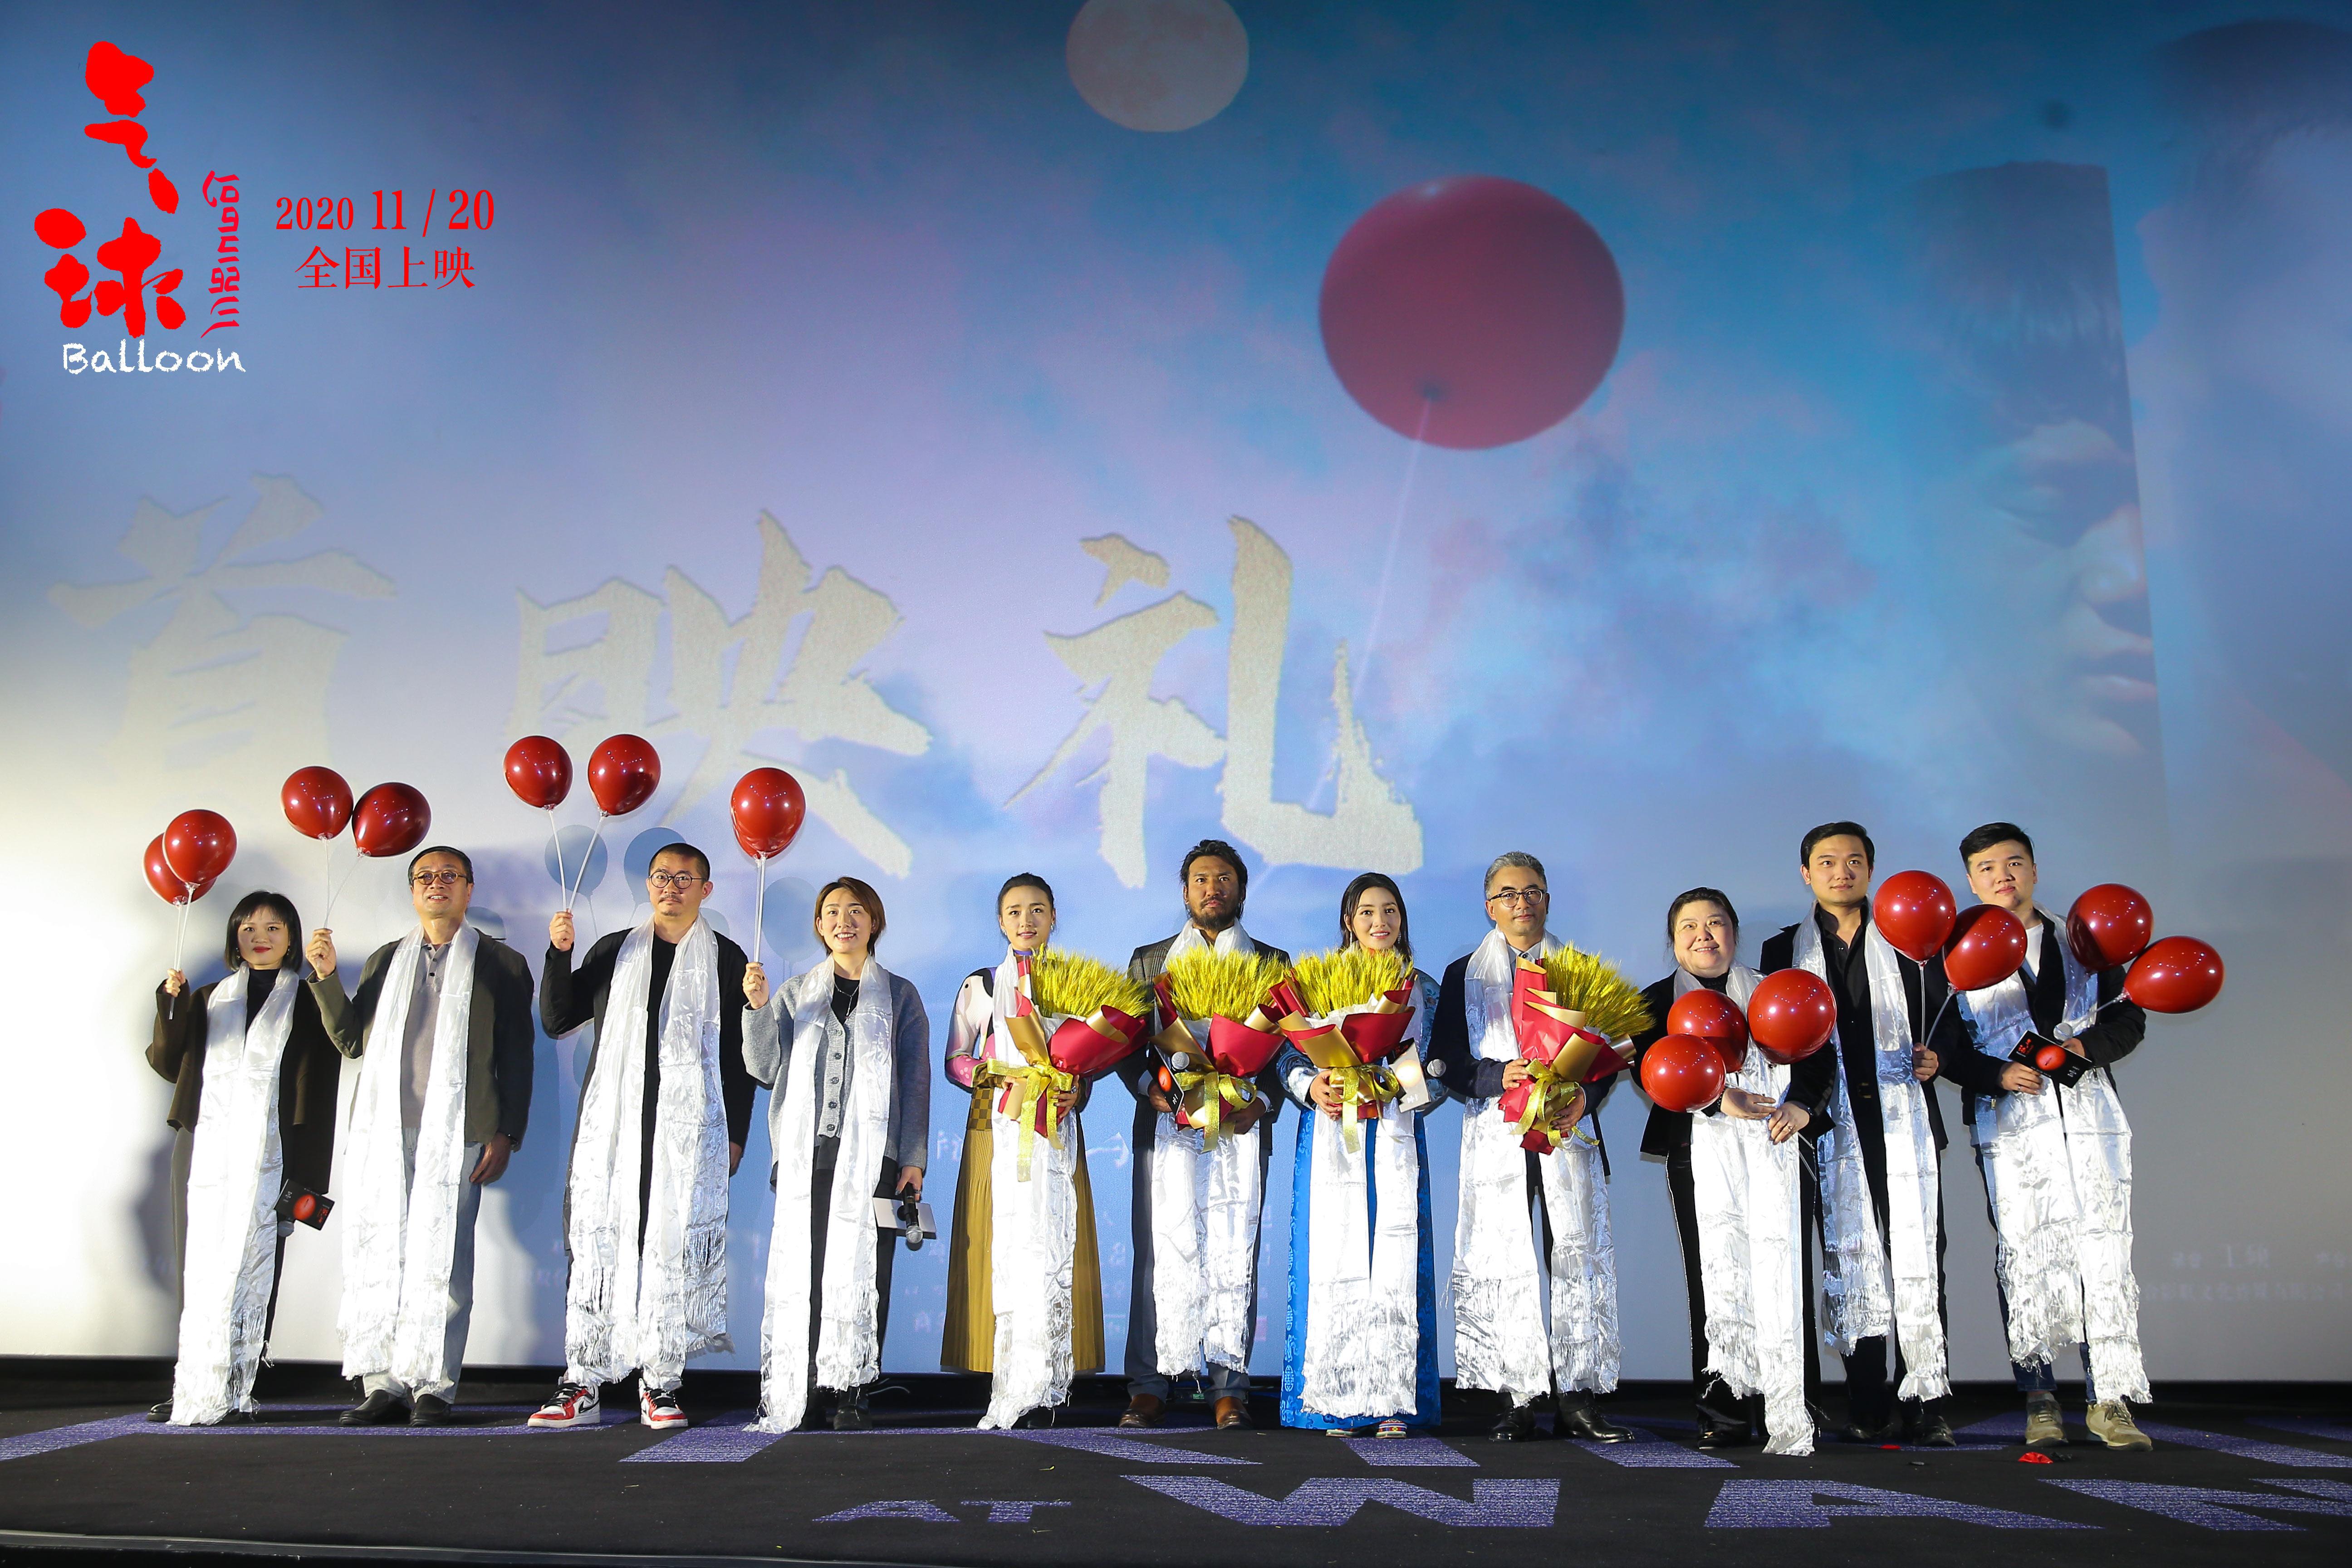 万玛才旦《气球》北京首映 乌尔善祖峰组团送祝福 第2张